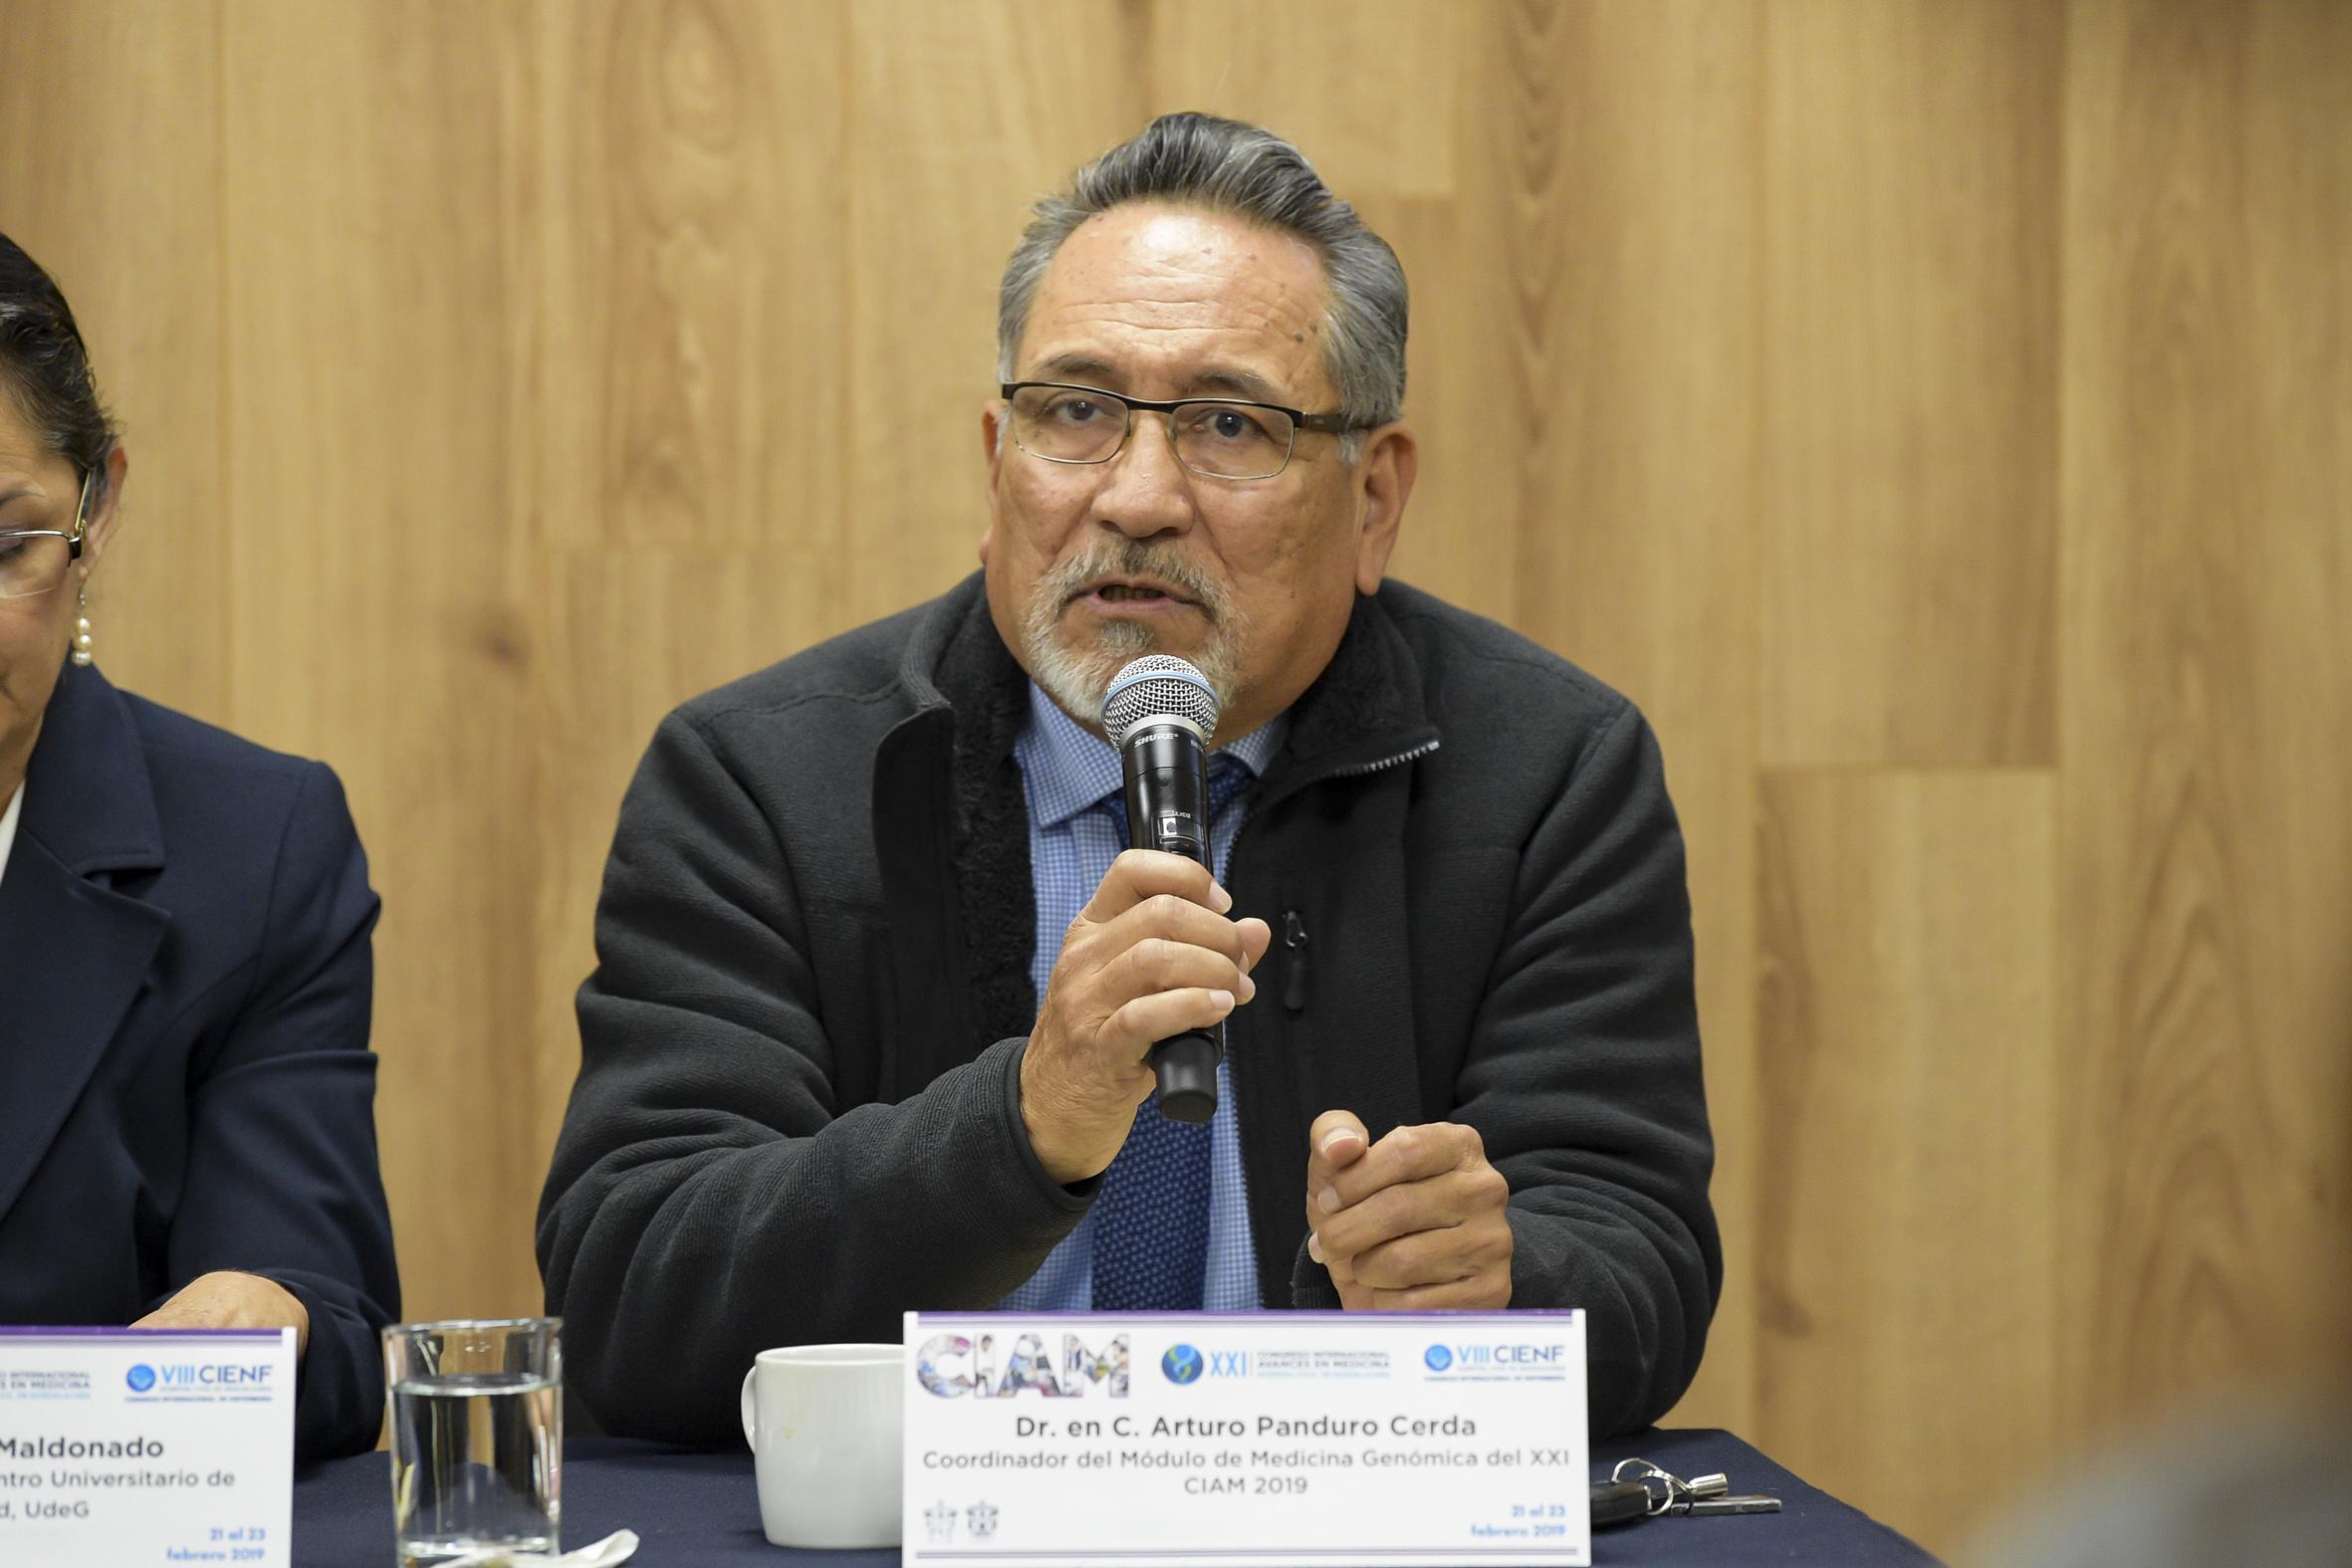 Doctor Arturo Panduro Cerda, Coordinador del Módulo de Medicina Genómica del XXI Congreso Internacional Avances en Medicina, haciendo uso de la palabra durante rueda de prensa